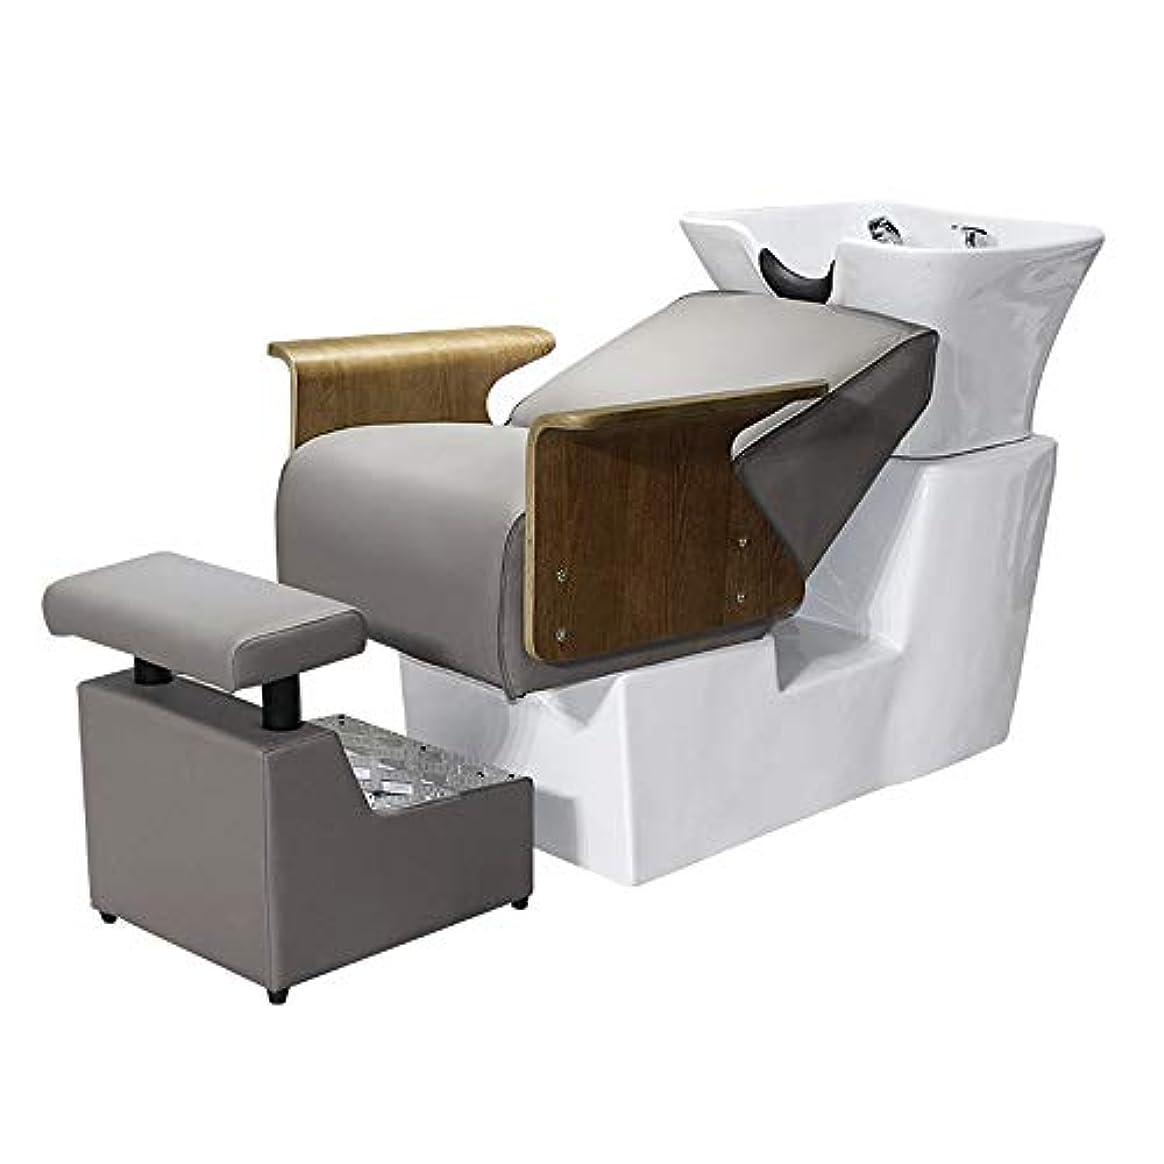 ブロー掃く毒性シャンプーの椅子、陶磁器の洗面器のシャンプーのベッドの逆洗の単位の鉱泉の美容院装置のためのシャンプーボールの理髪の流しの椅子